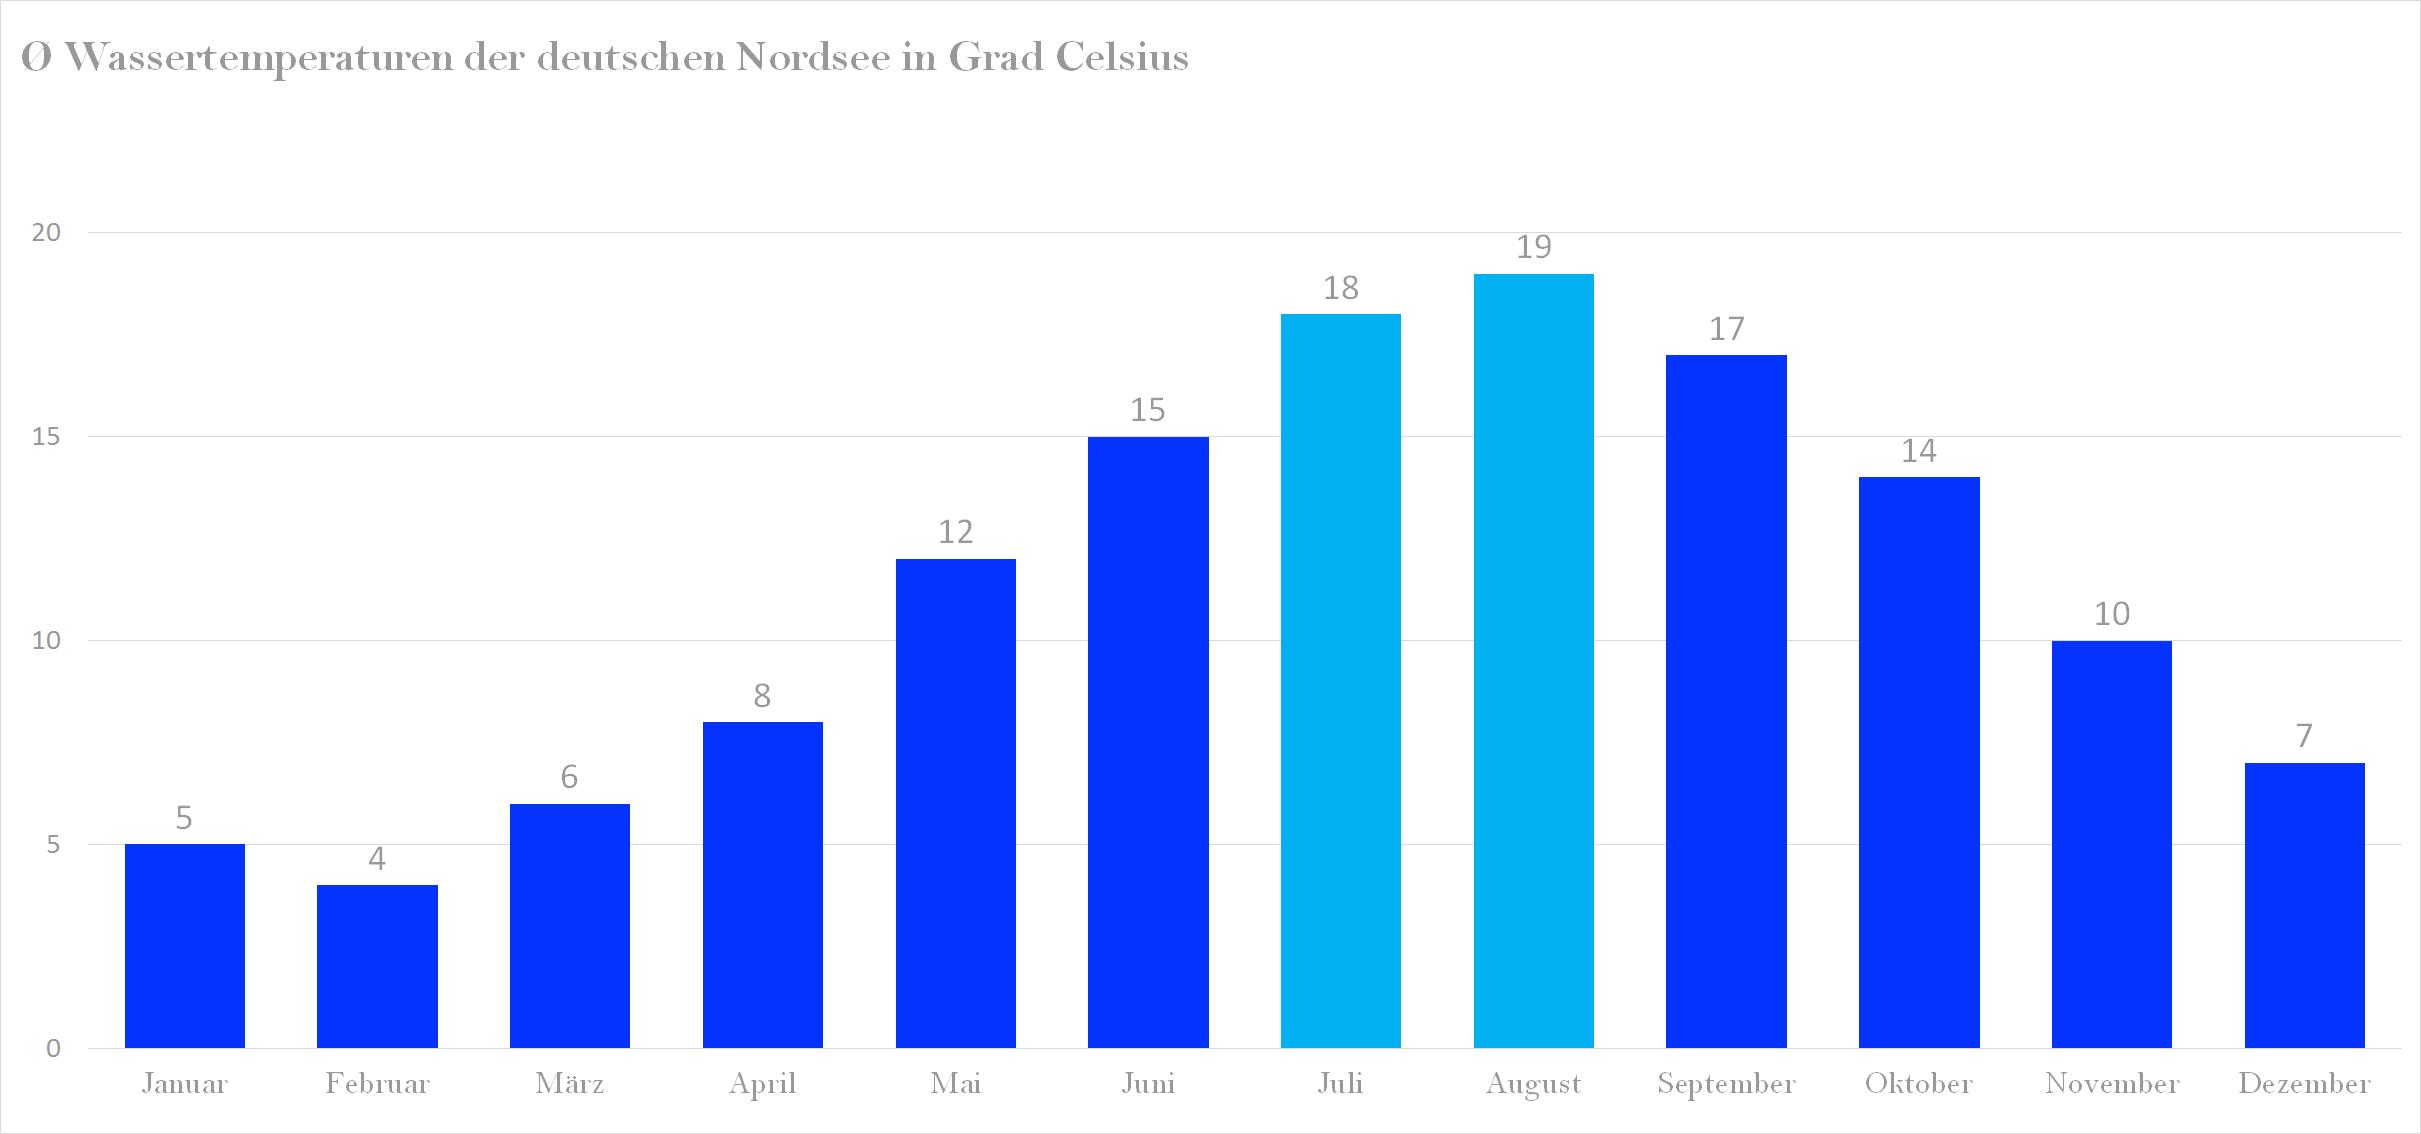 Durchschnittliche Wassertemperaturen der Nordsee im Jahresverlauf